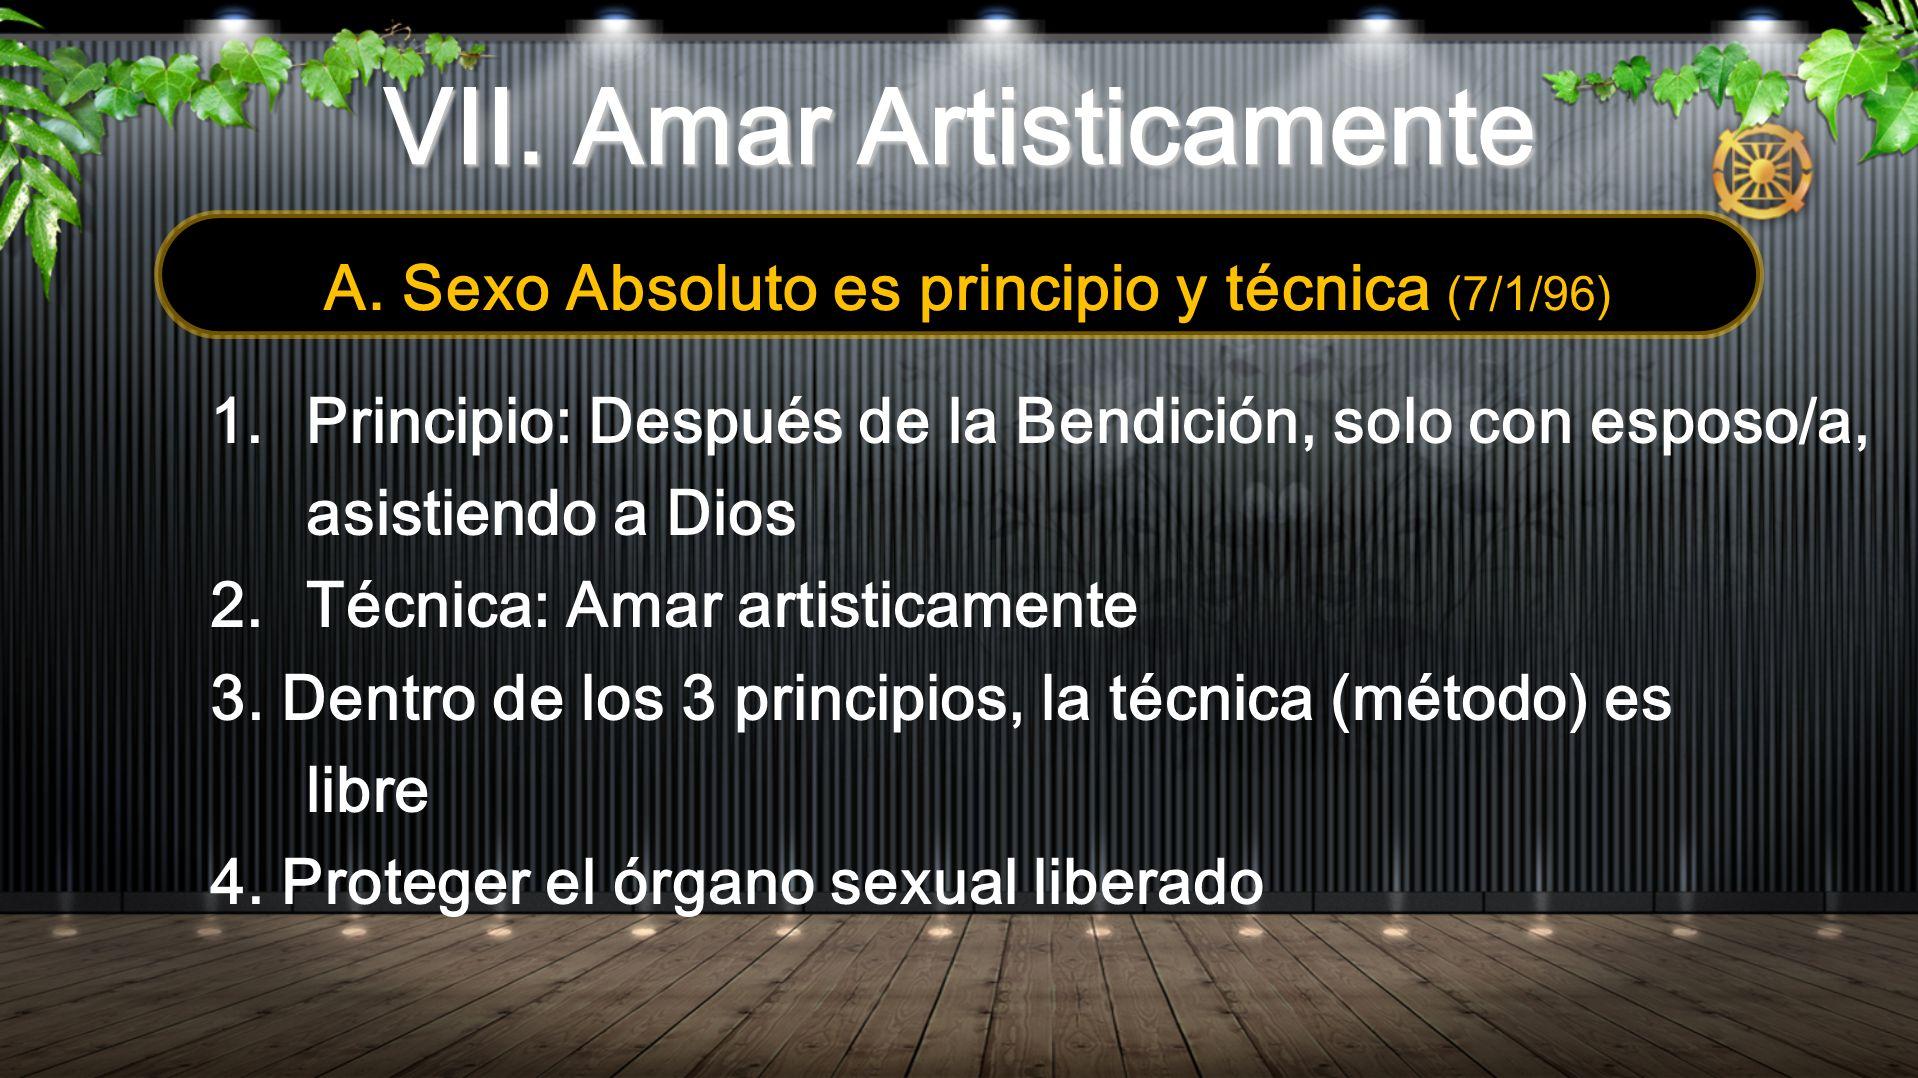 VII. Amar Artisticamente A. Sexo Absoluto es principio y técnica (7/1/96) 1.Principio: Después de la Bendición, solo con esposo/a, asistiendo a Dios 2